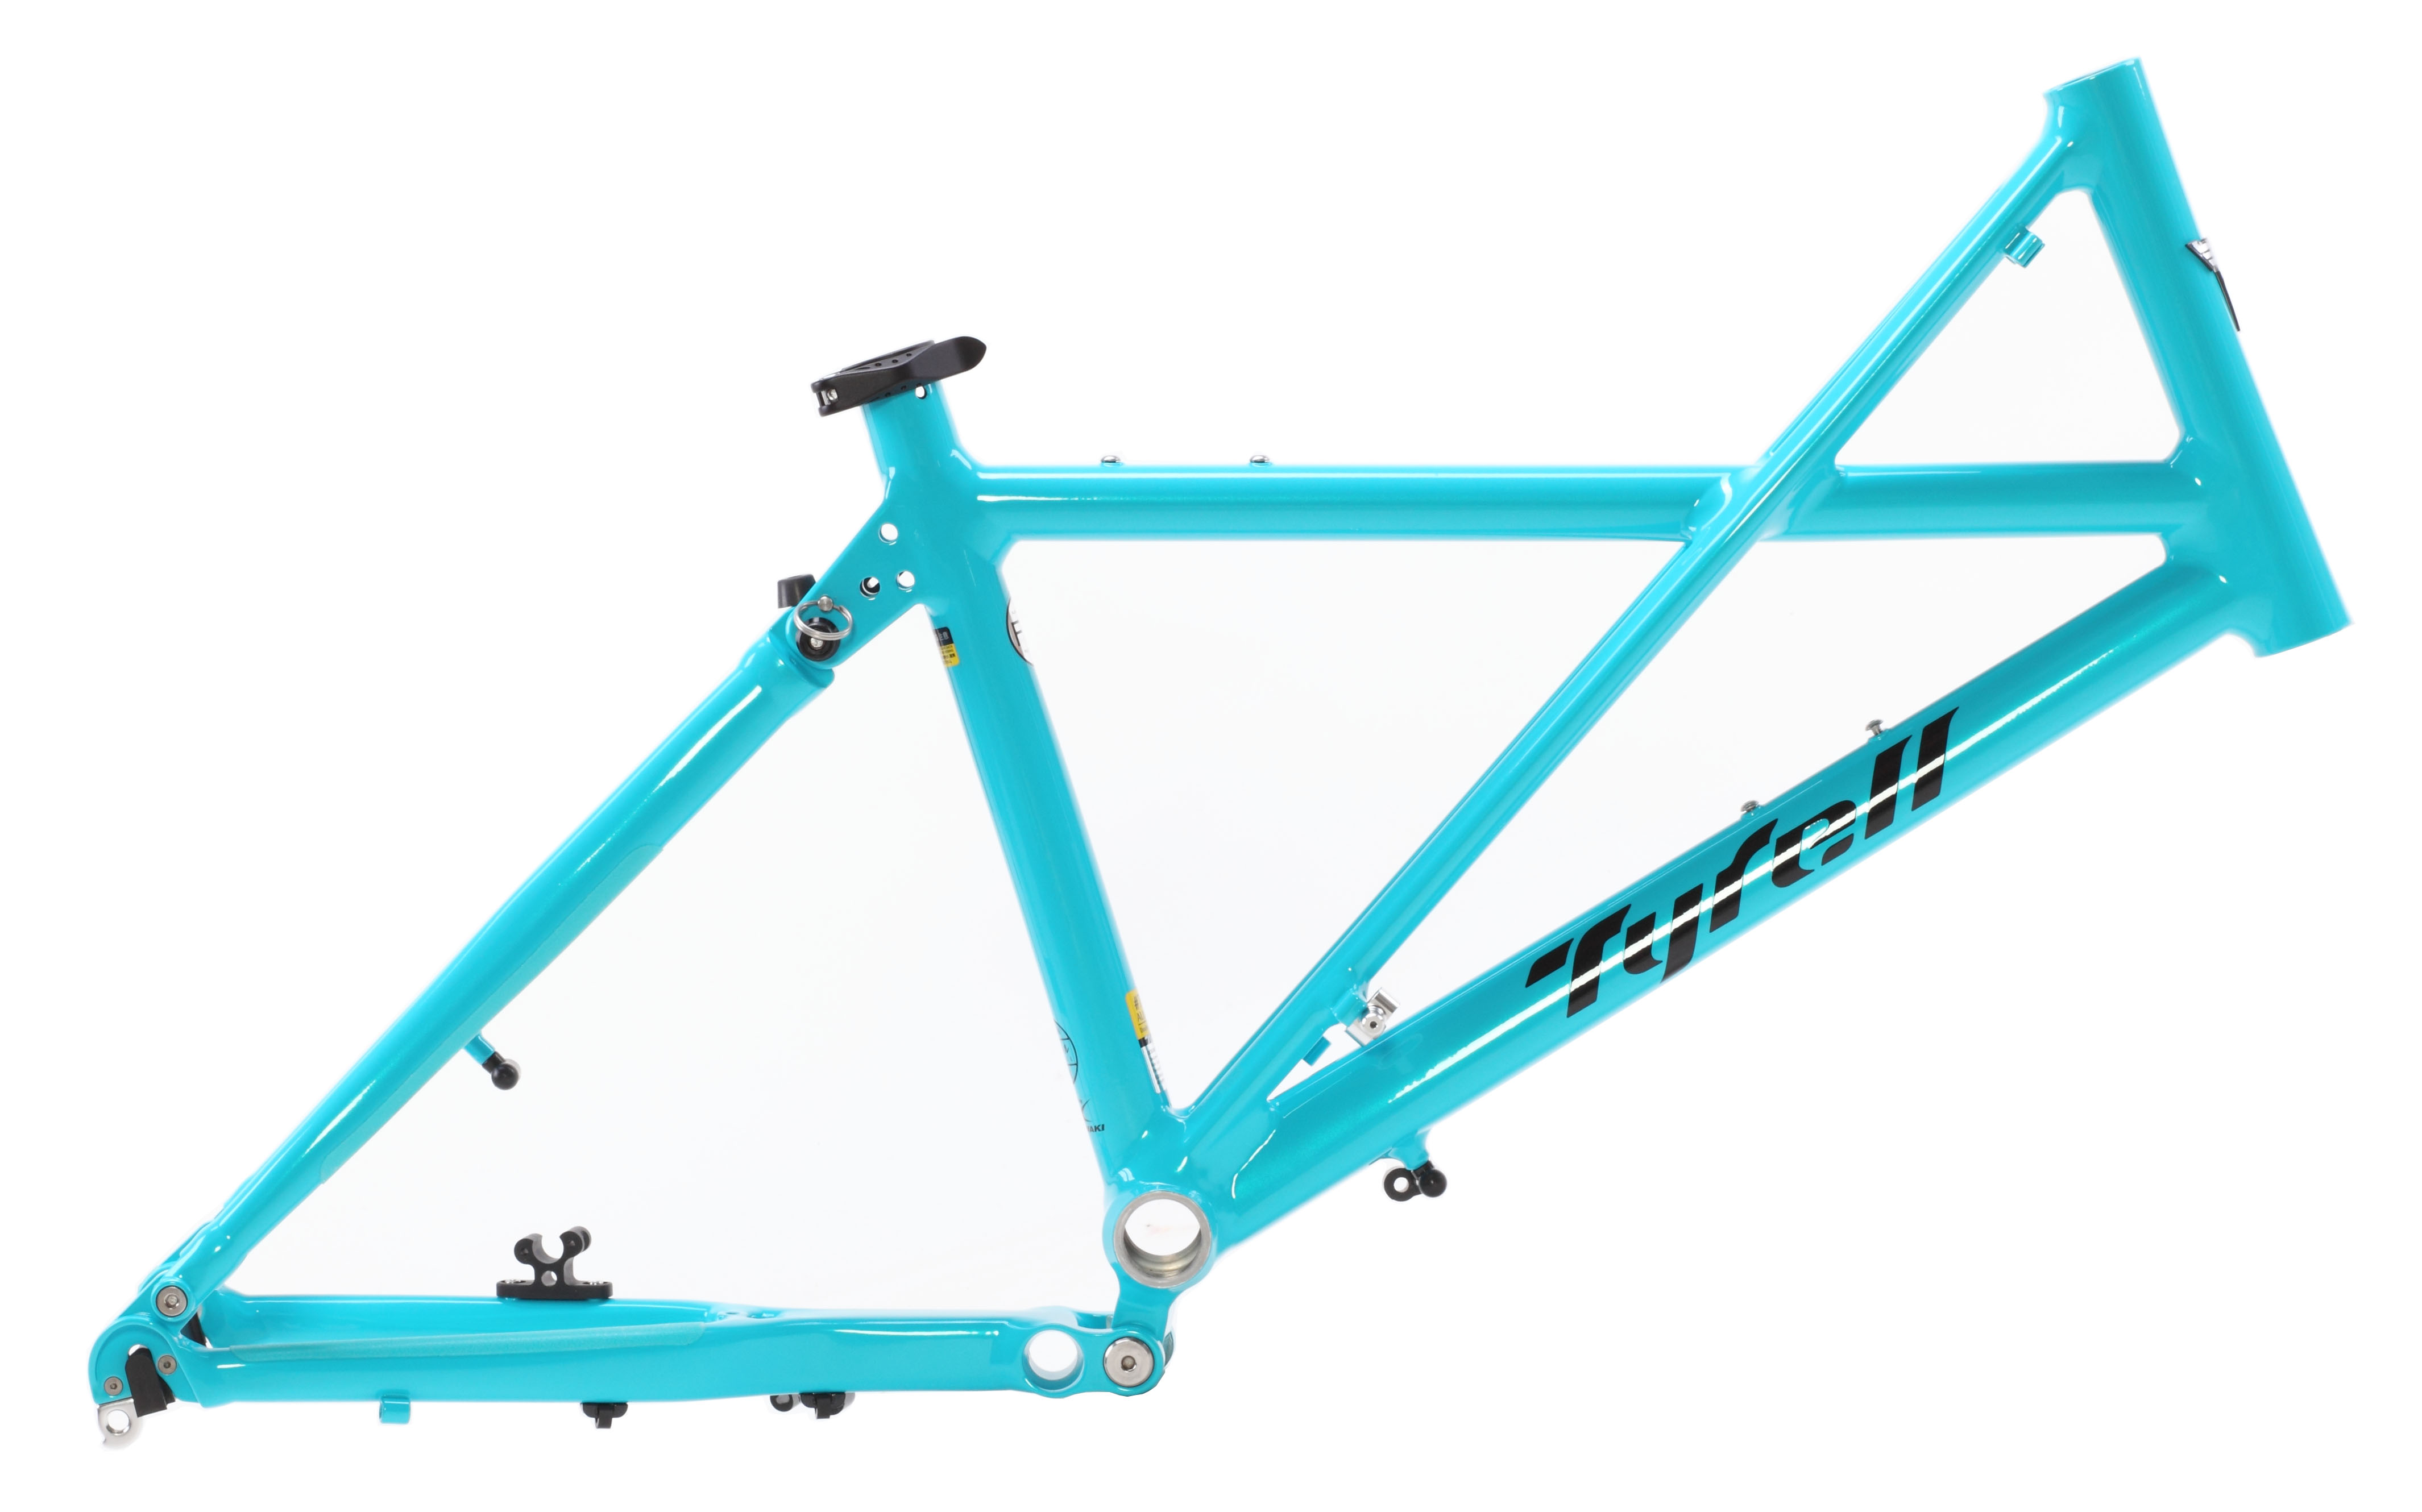 FX Turquoise